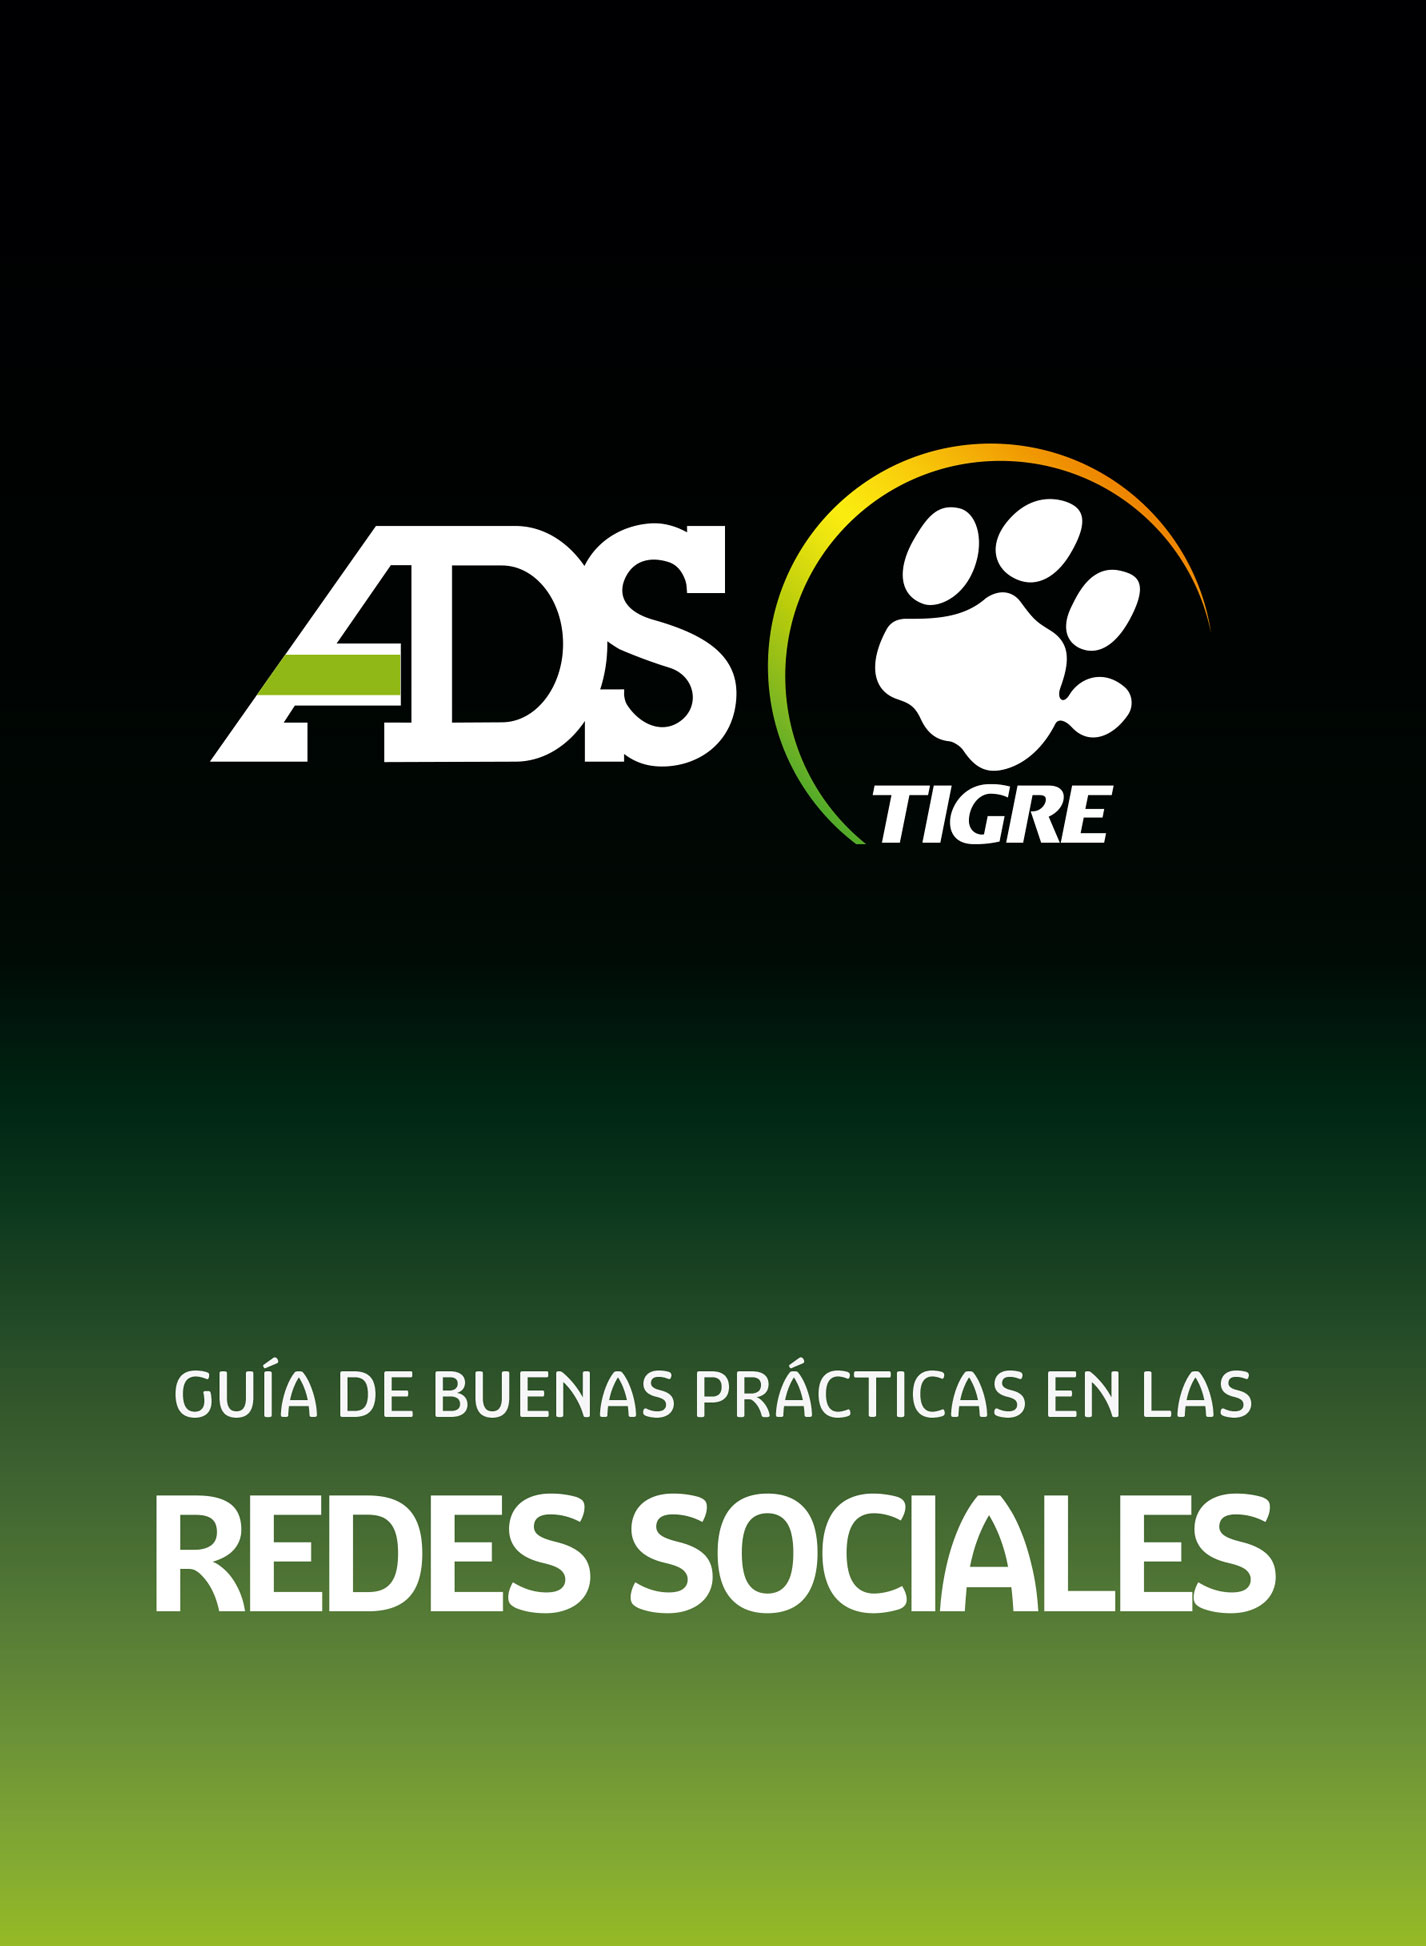 manual-guia-de-buenas-practicas-en-las-redes-sociales